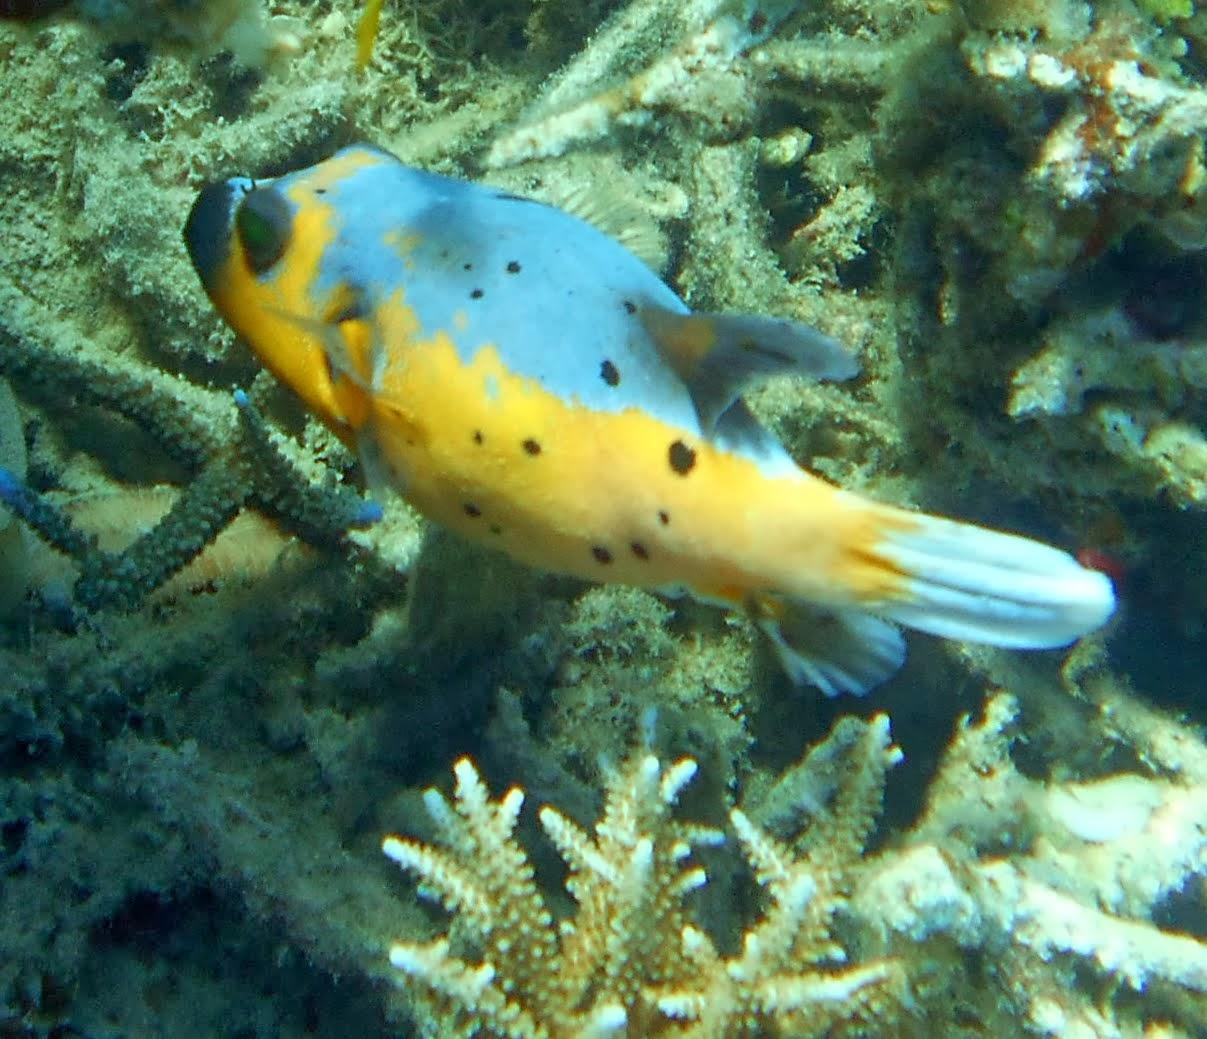 Puffer fish nemo for Blowfish vs puffer fish